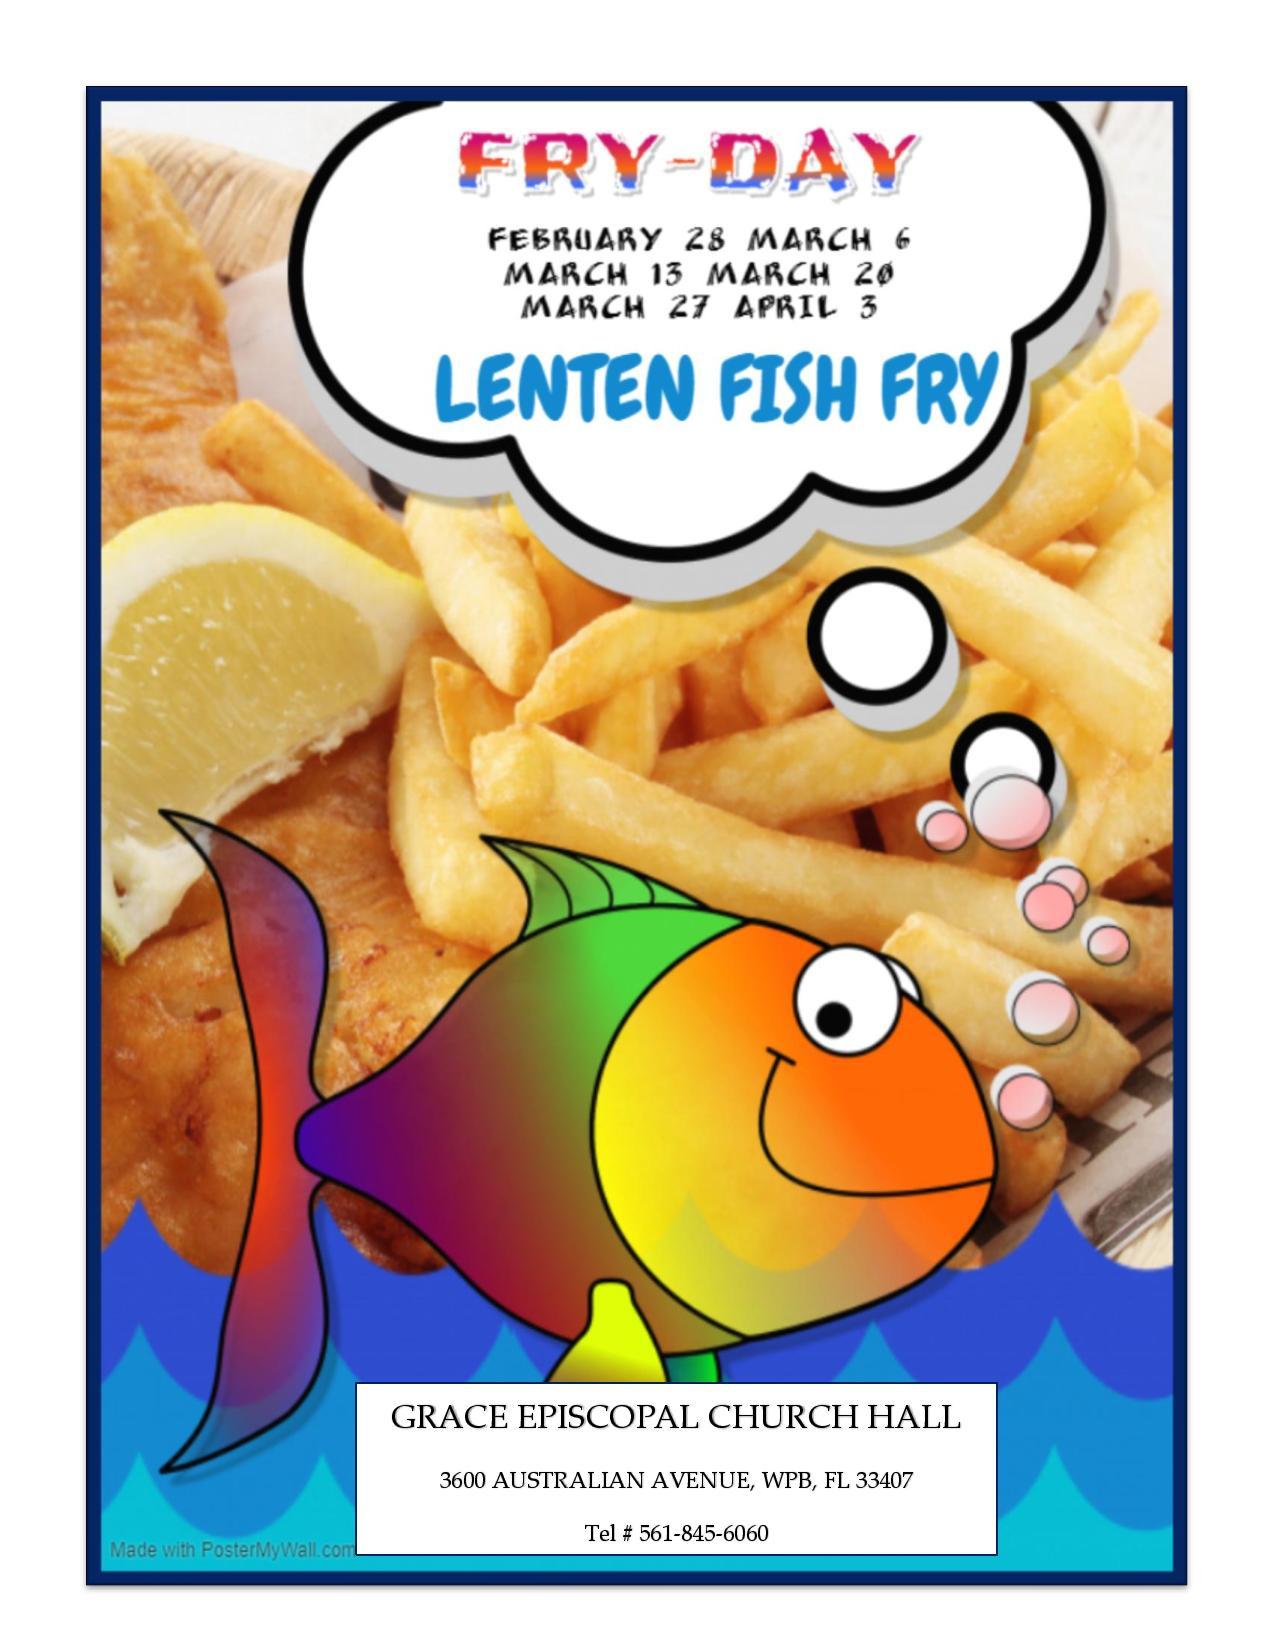 LENTEN FISH FRY